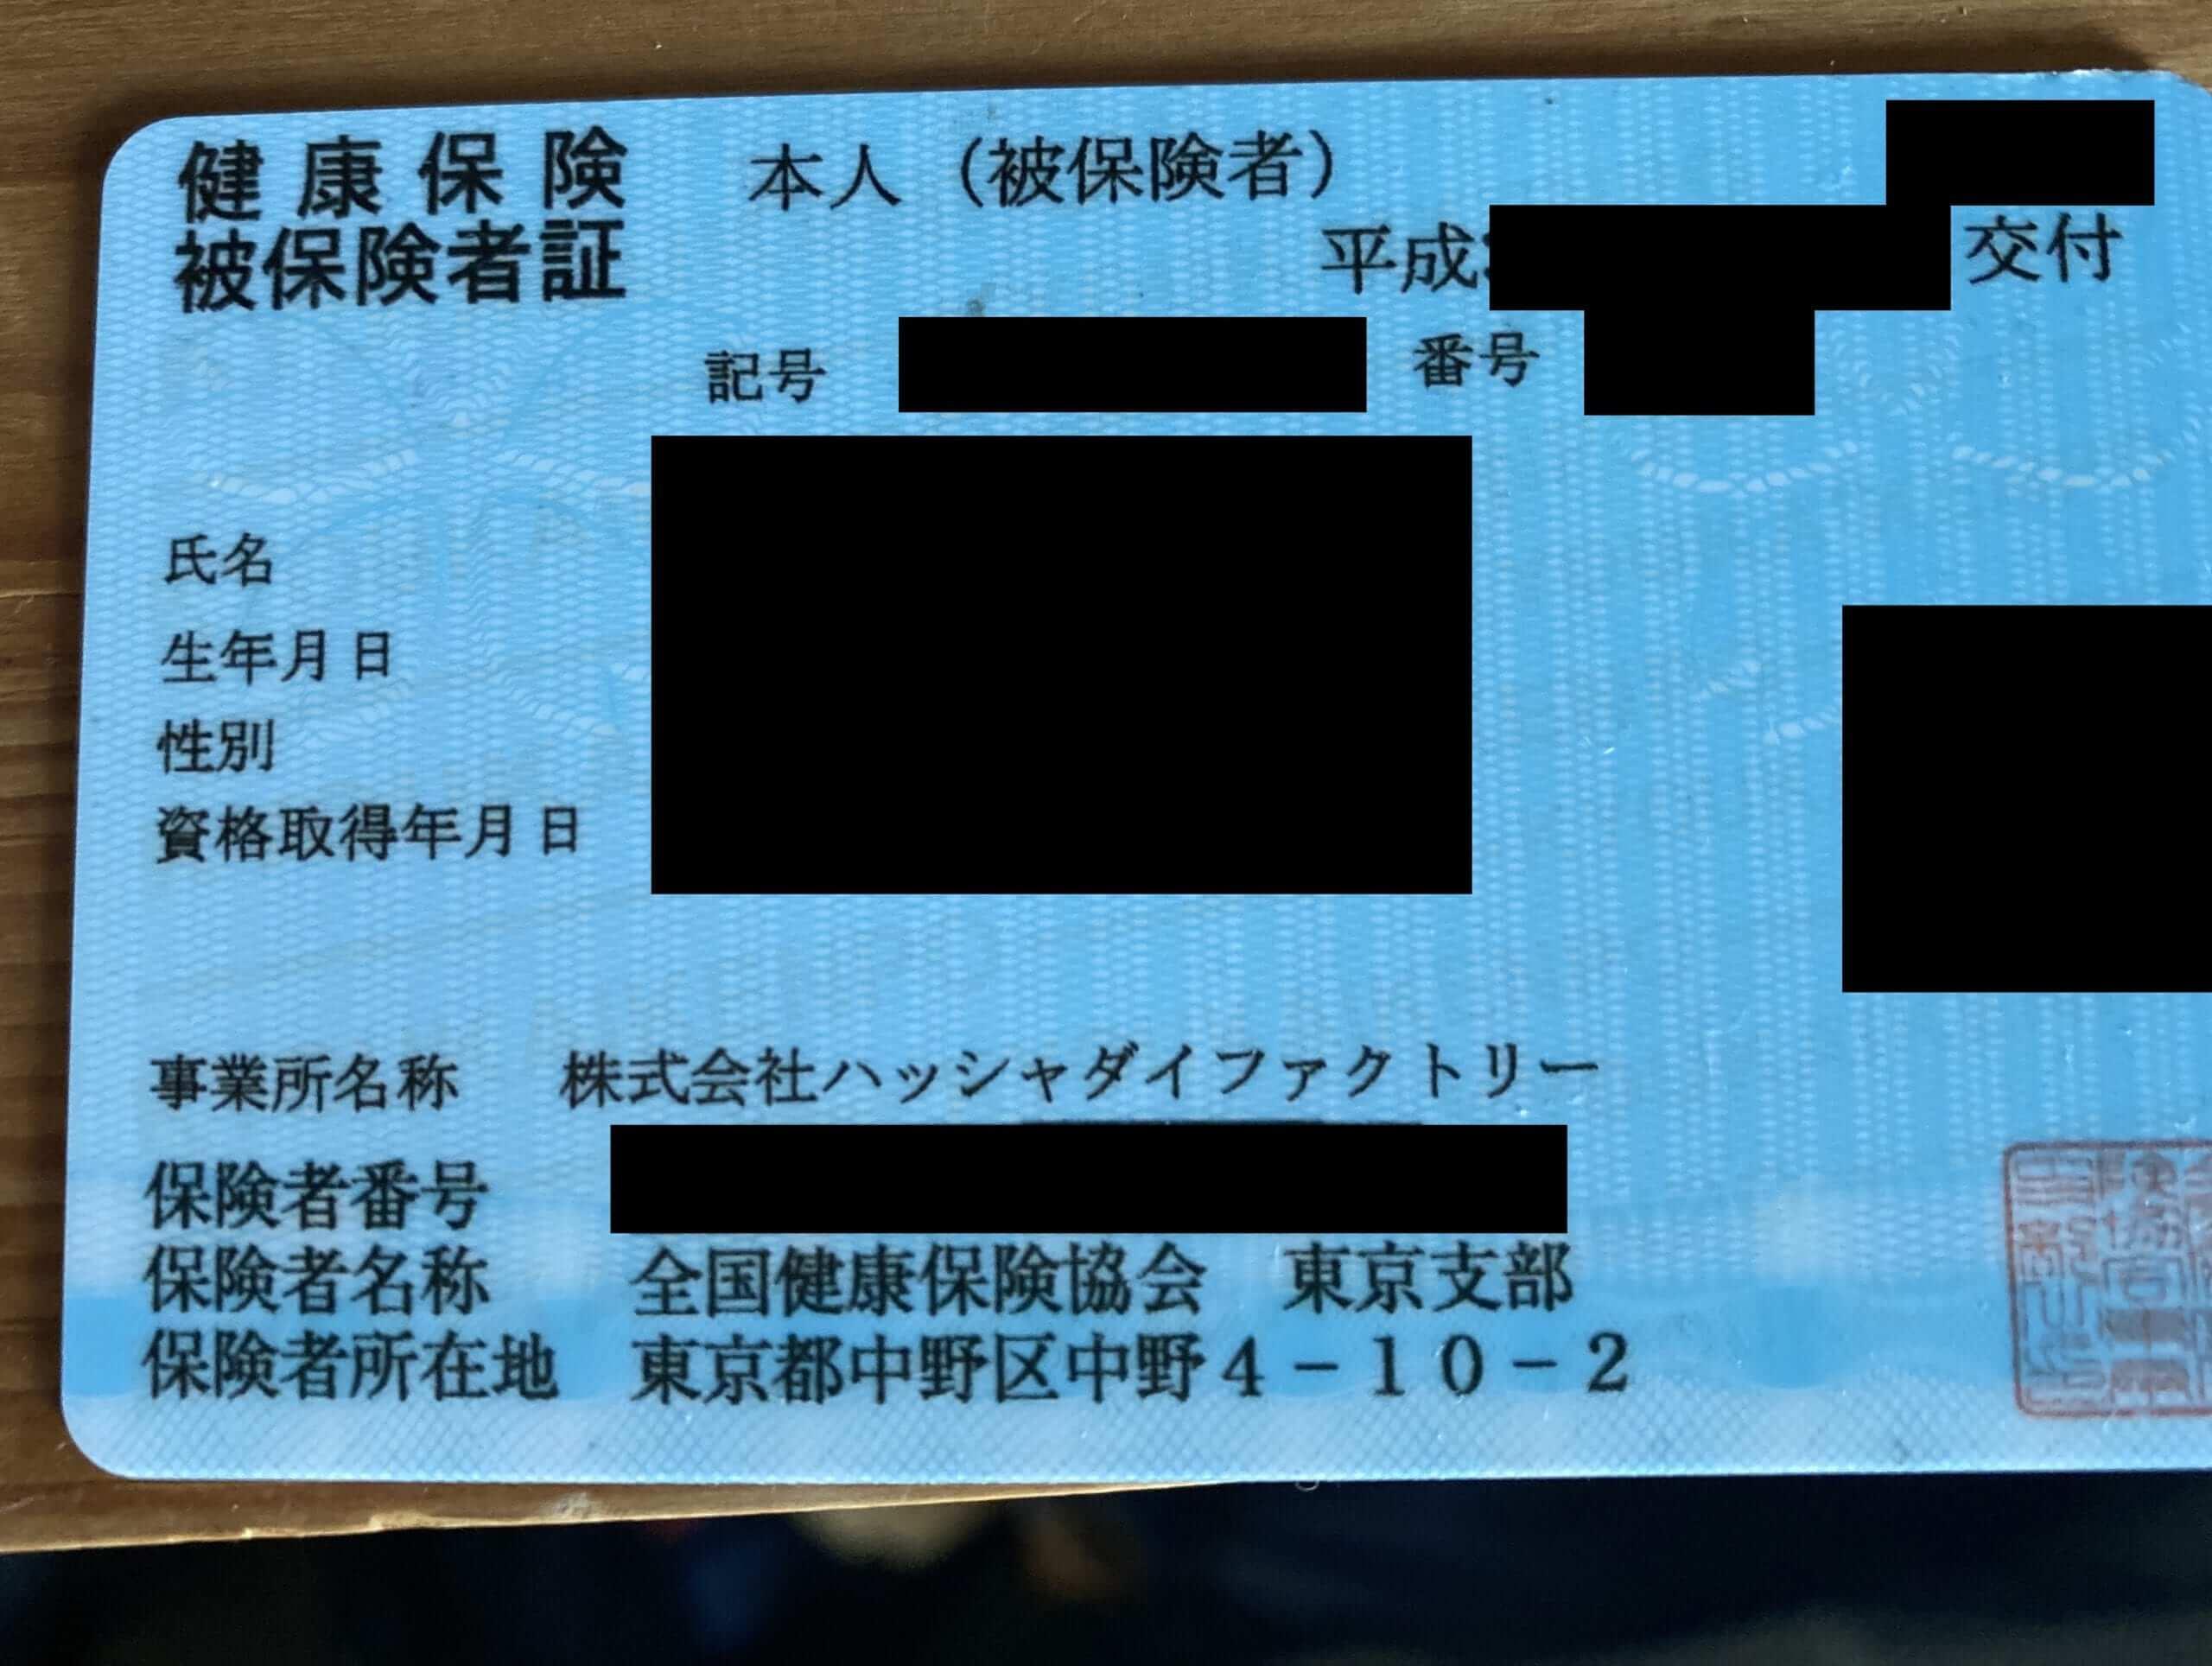 ハッシャダイリゾート渋谷オフィス